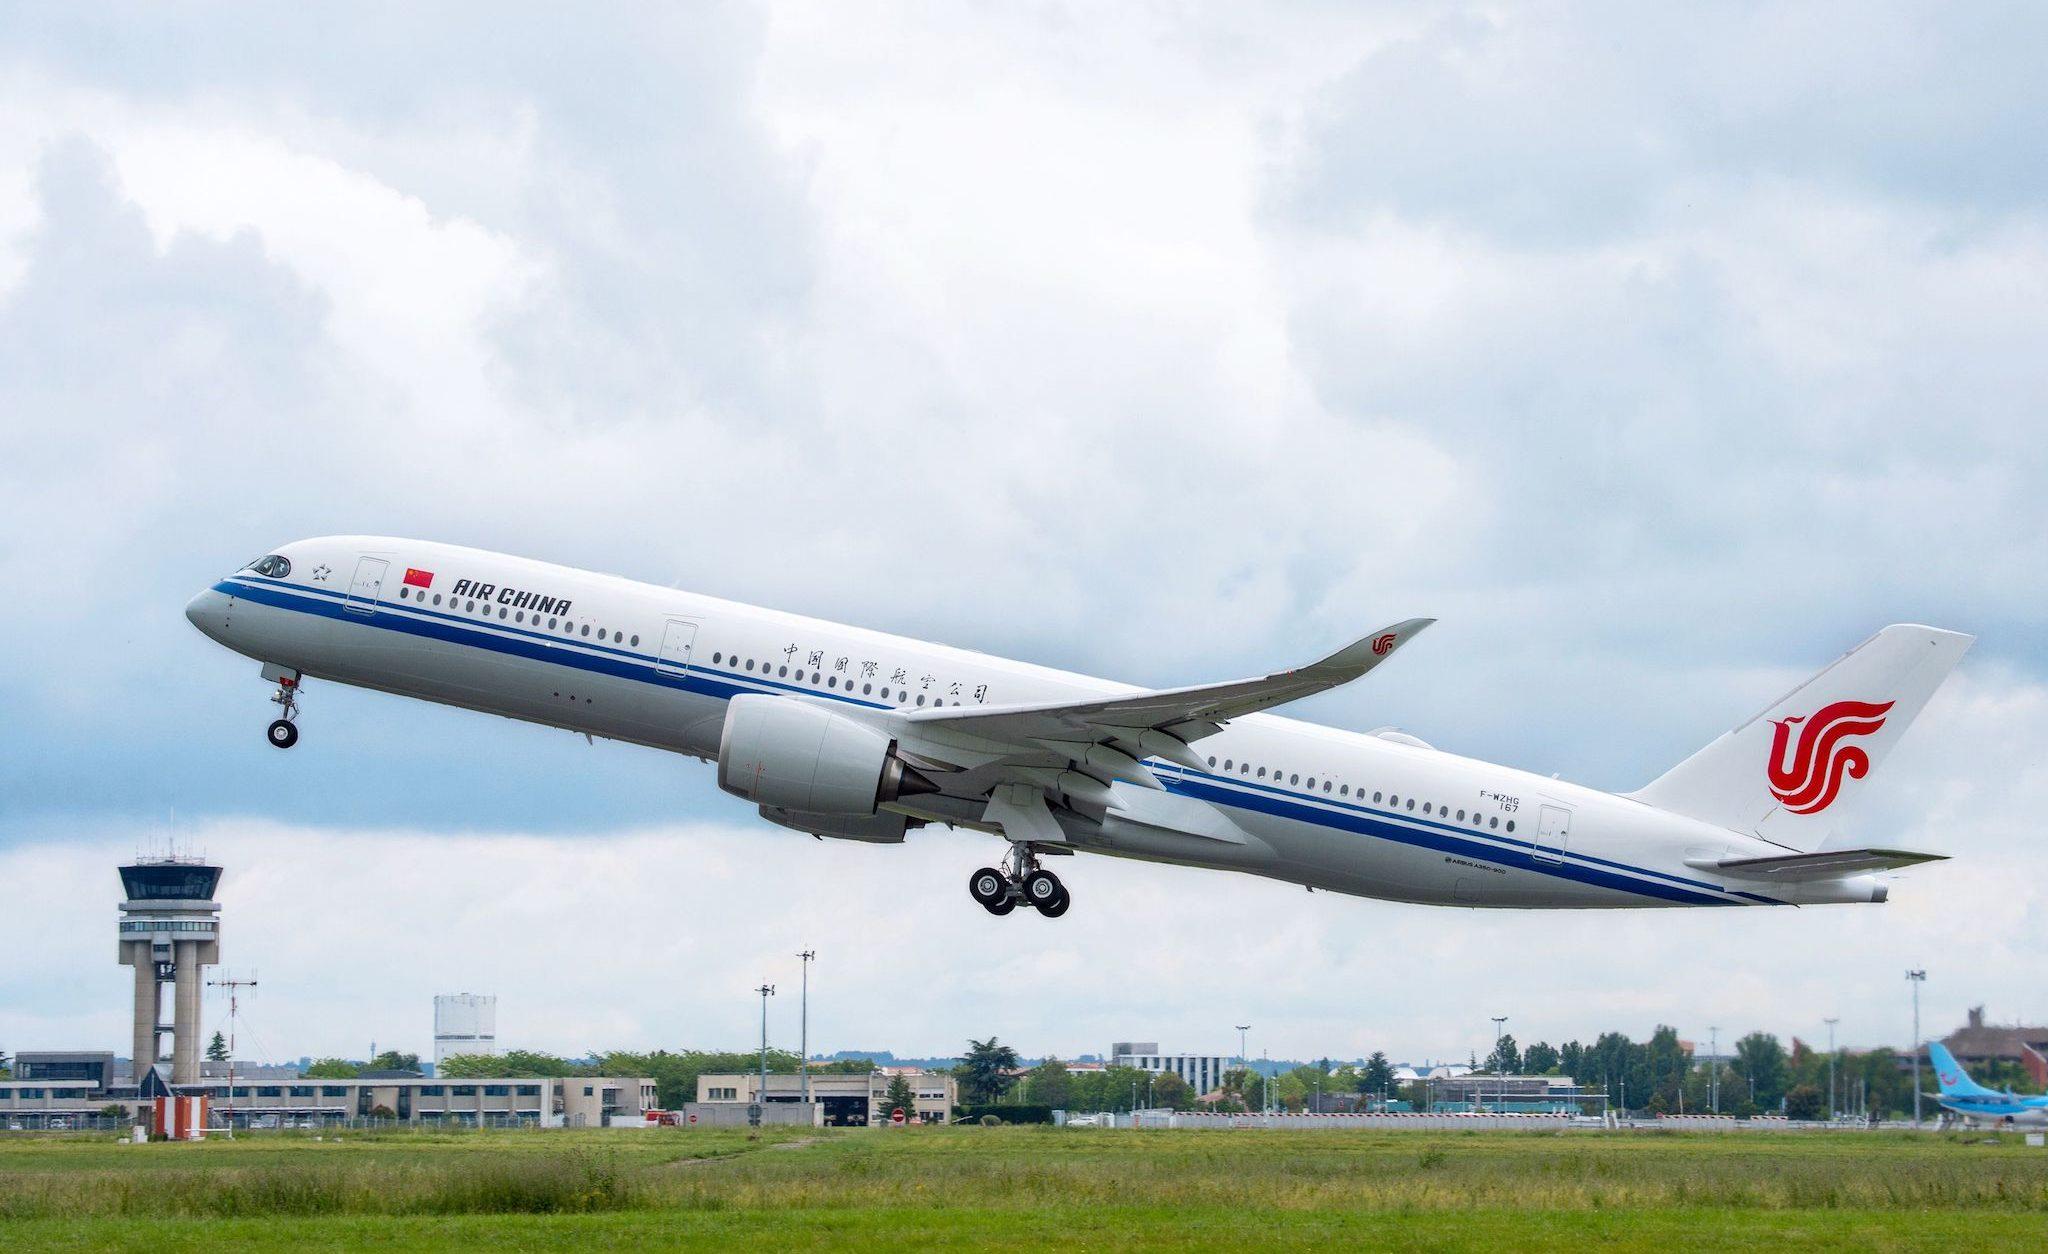 A350-900 [msn 167] Air China